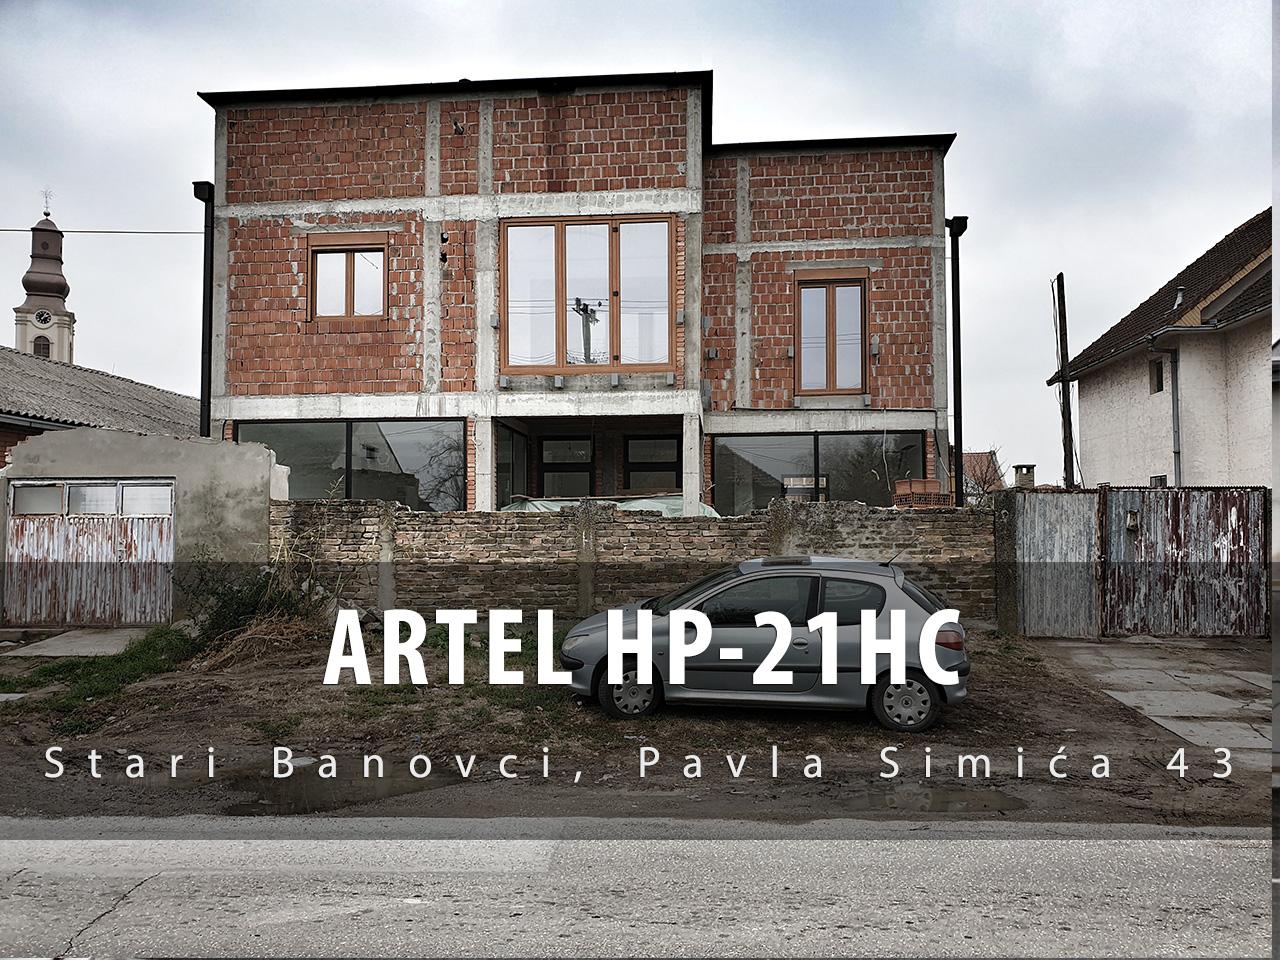 Stari-Banovci-Artel-HP-21-HC